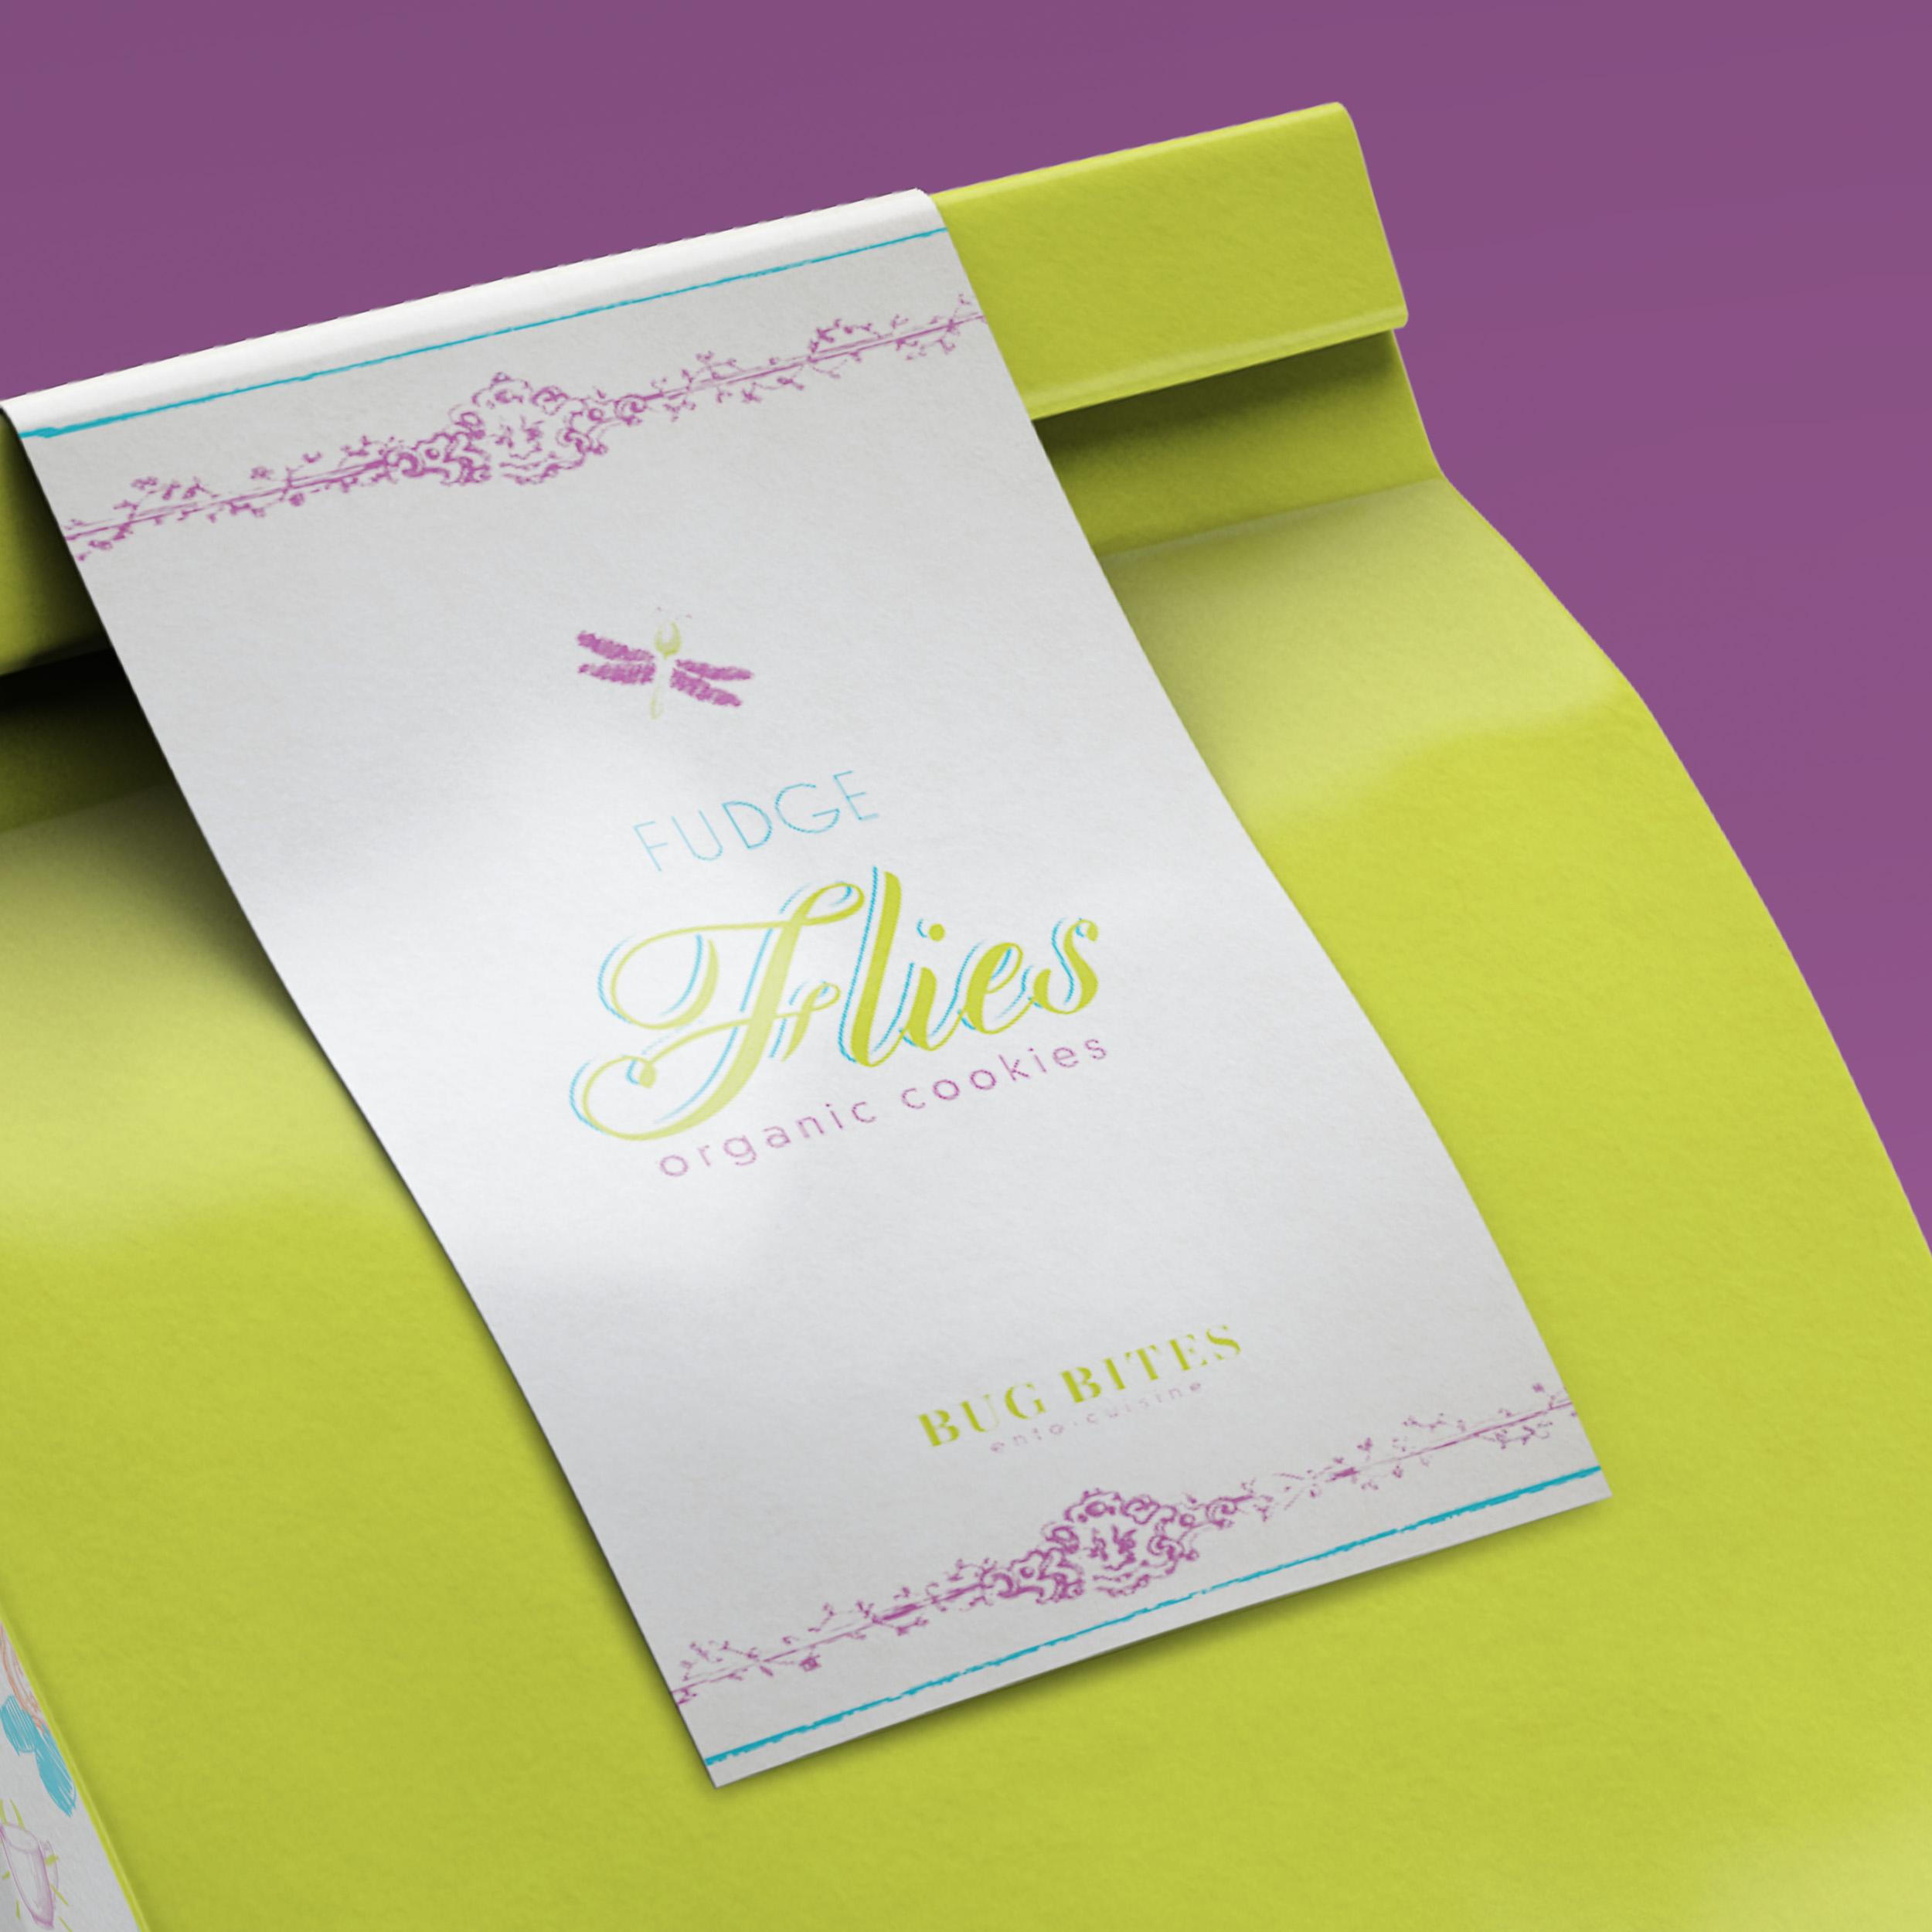 02 Paper Bag Mock-Up_detail copy.jpg